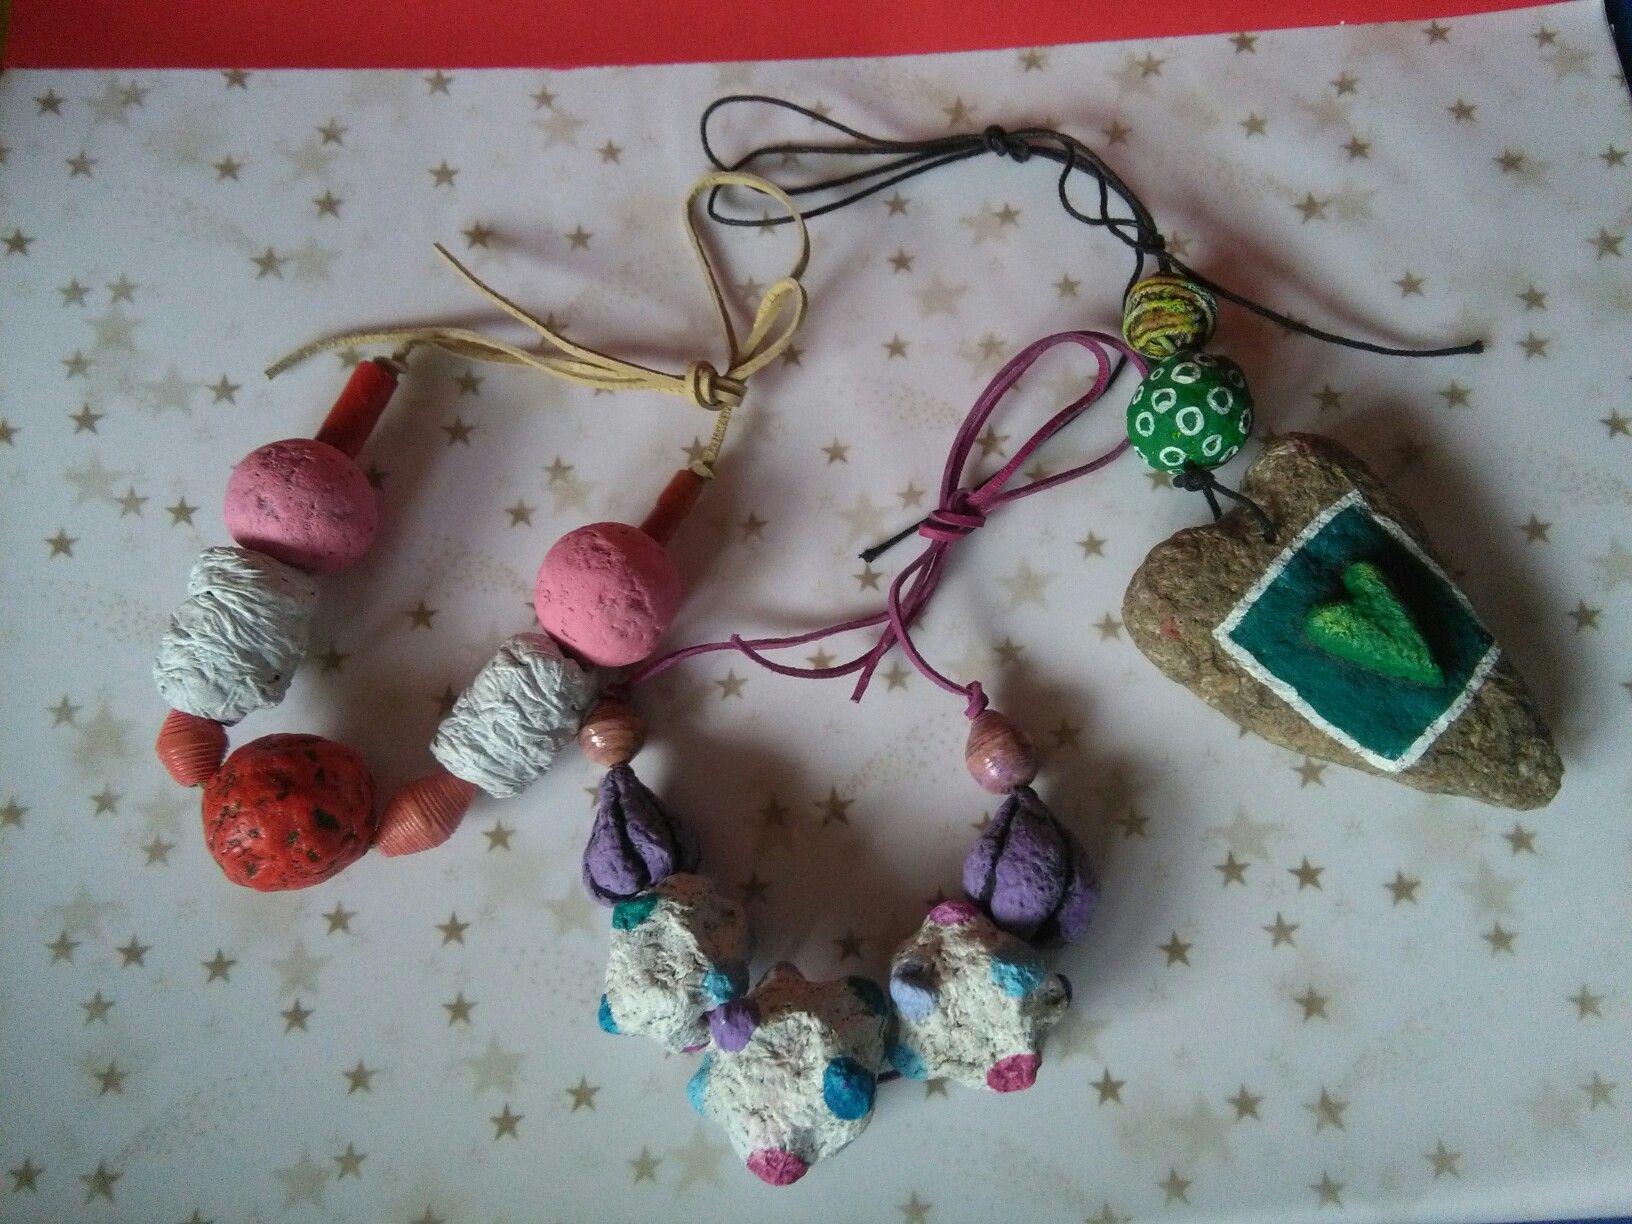 Paper mache necklaces